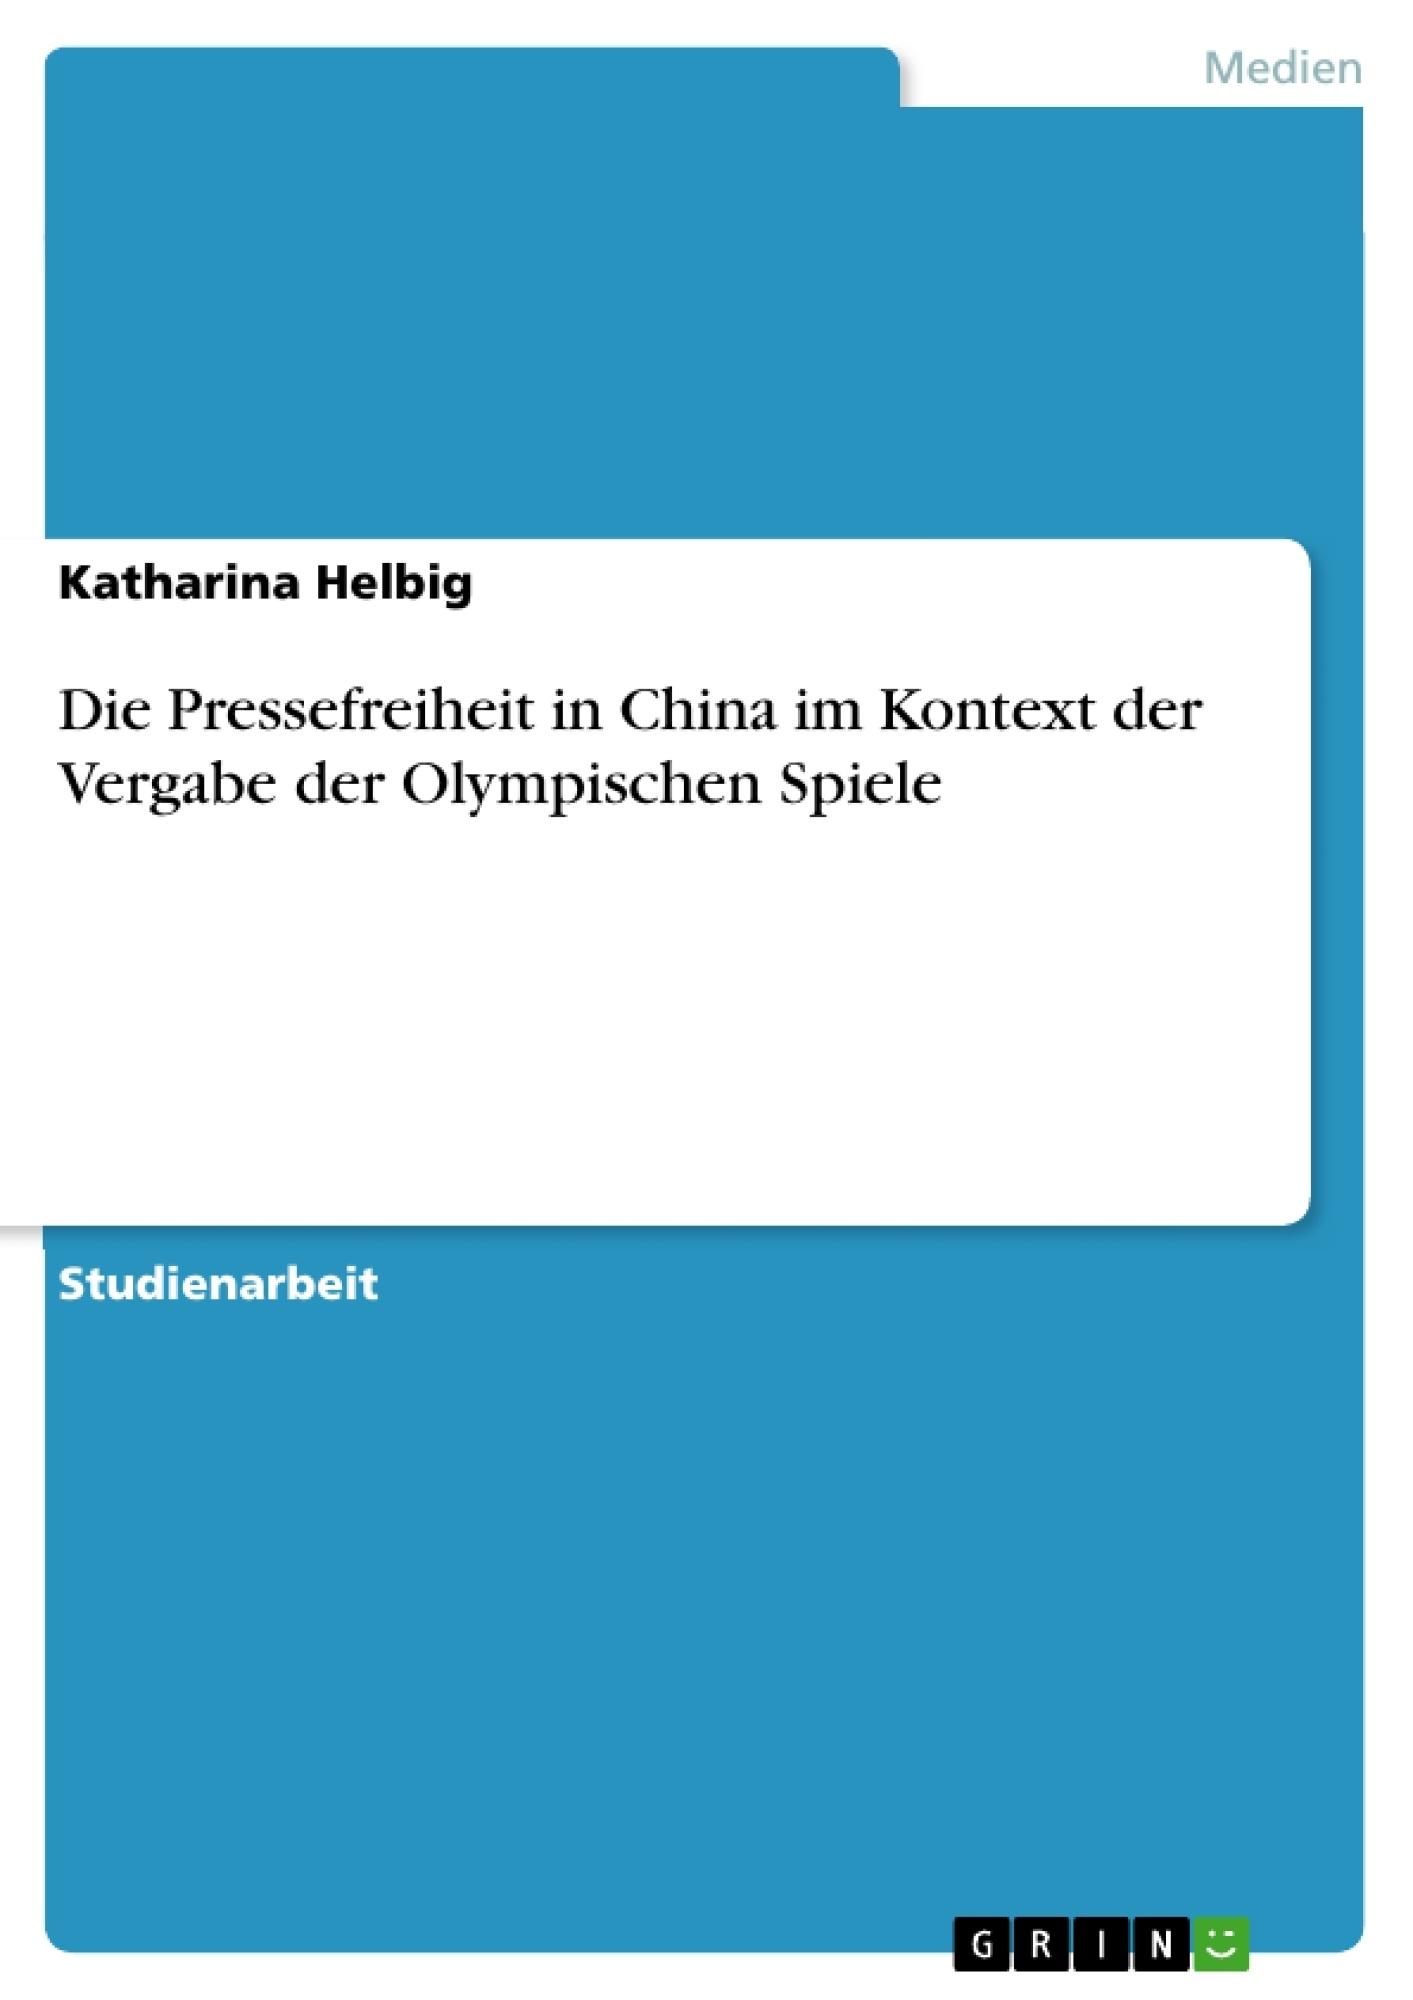 Titel: Die Pressefreiheit in China im Kontext der Vergabe der Olympischen Spiele